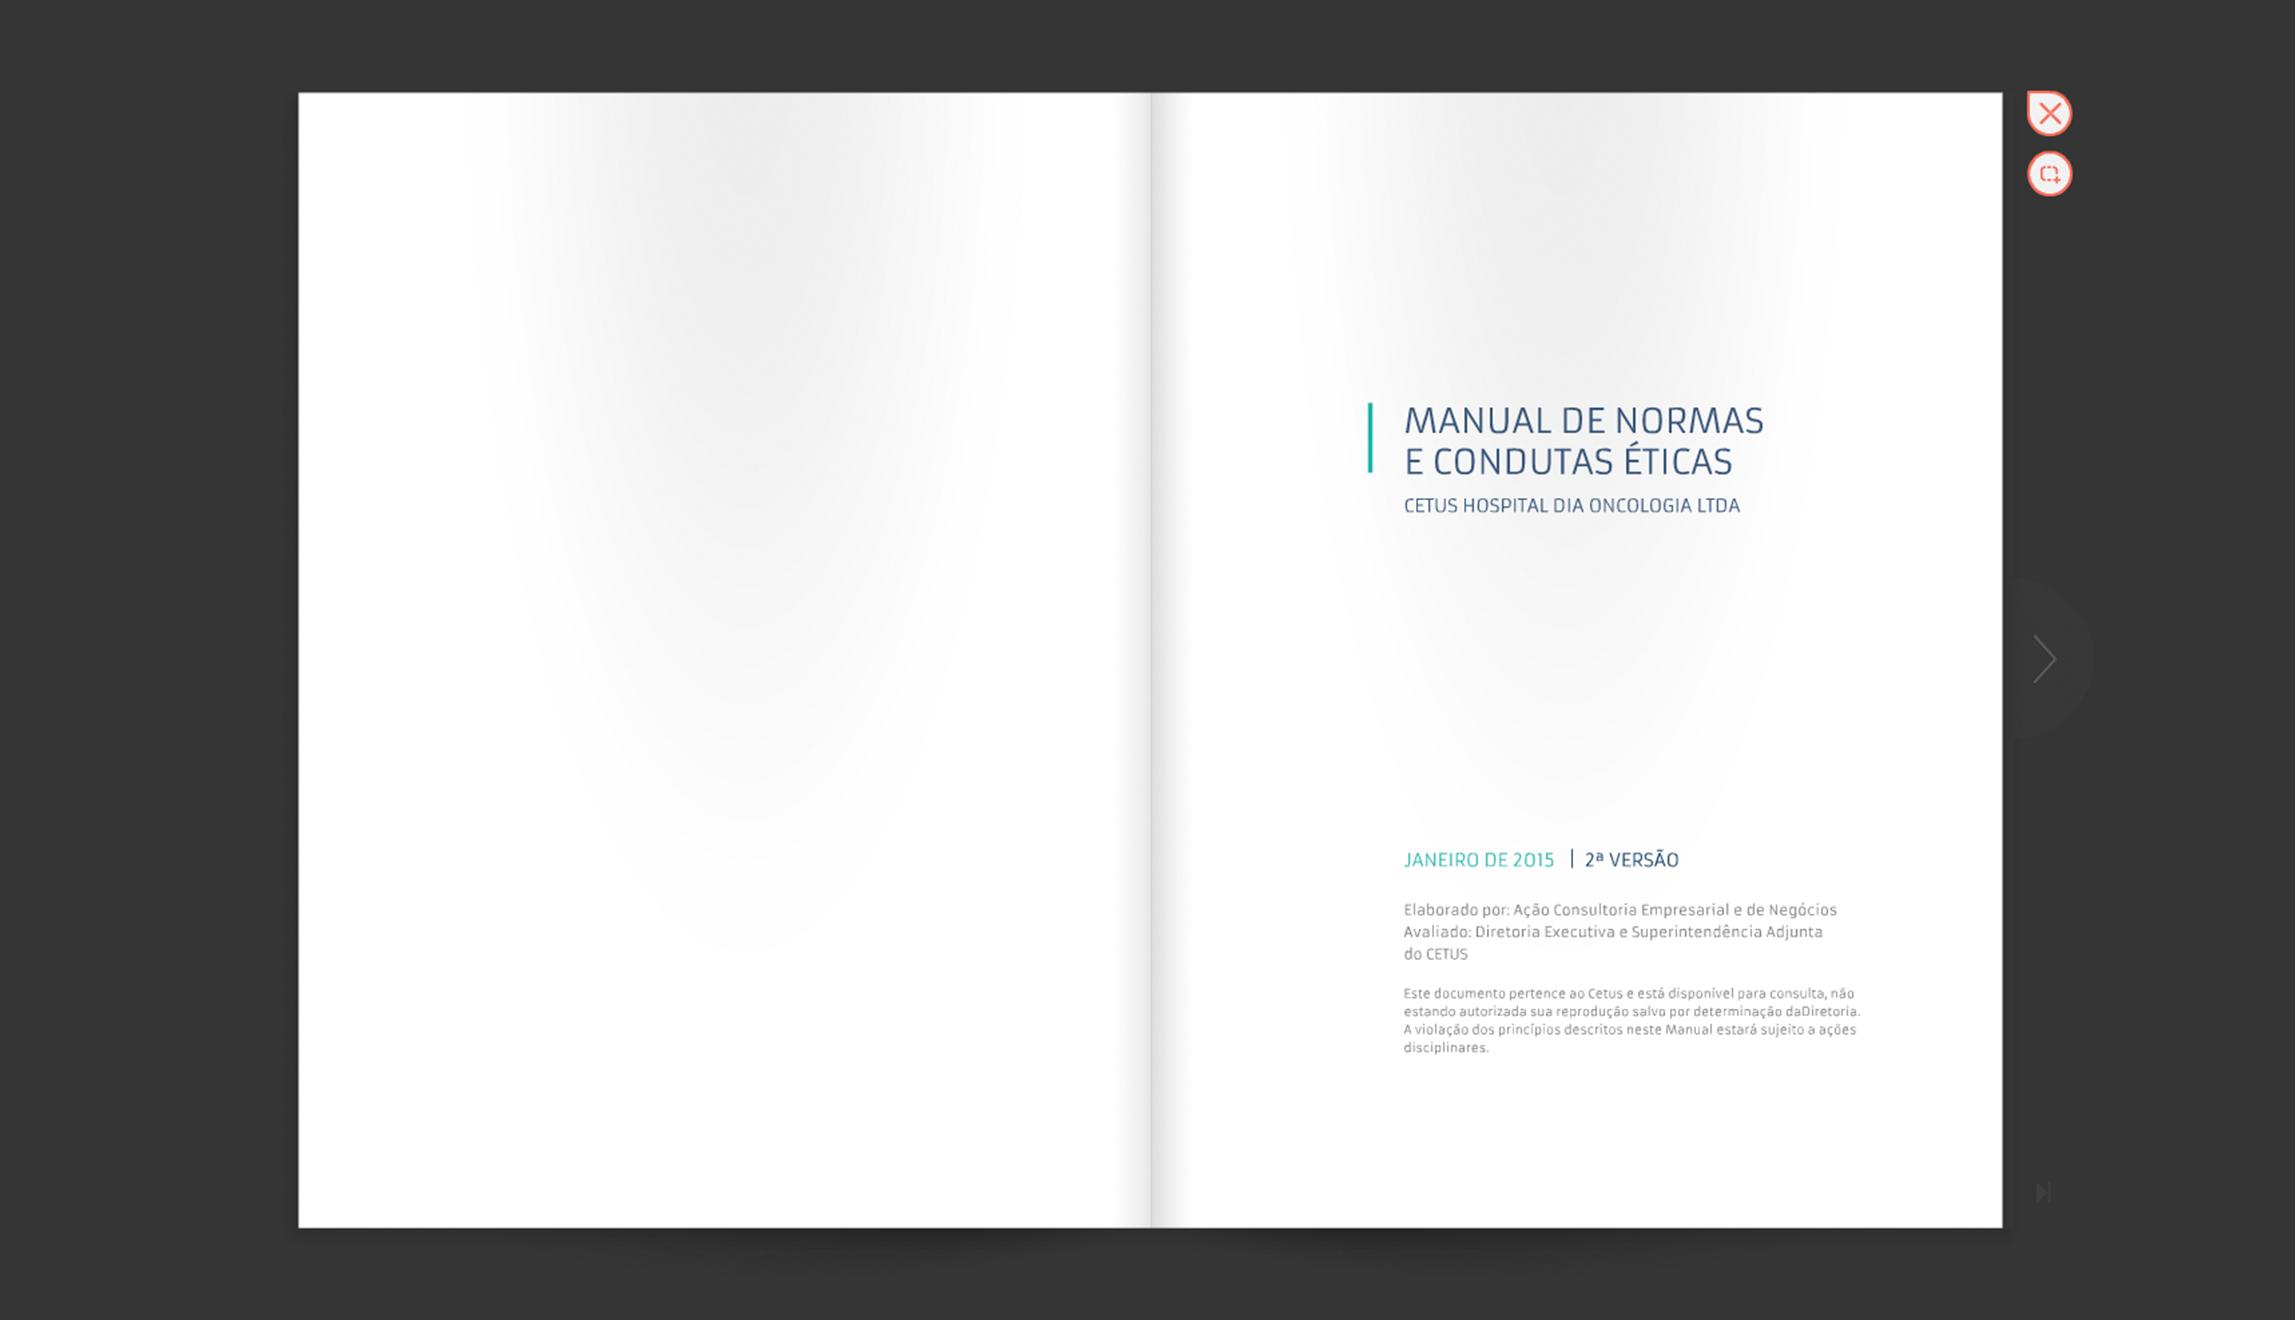 Manual-Cetus-2015-2